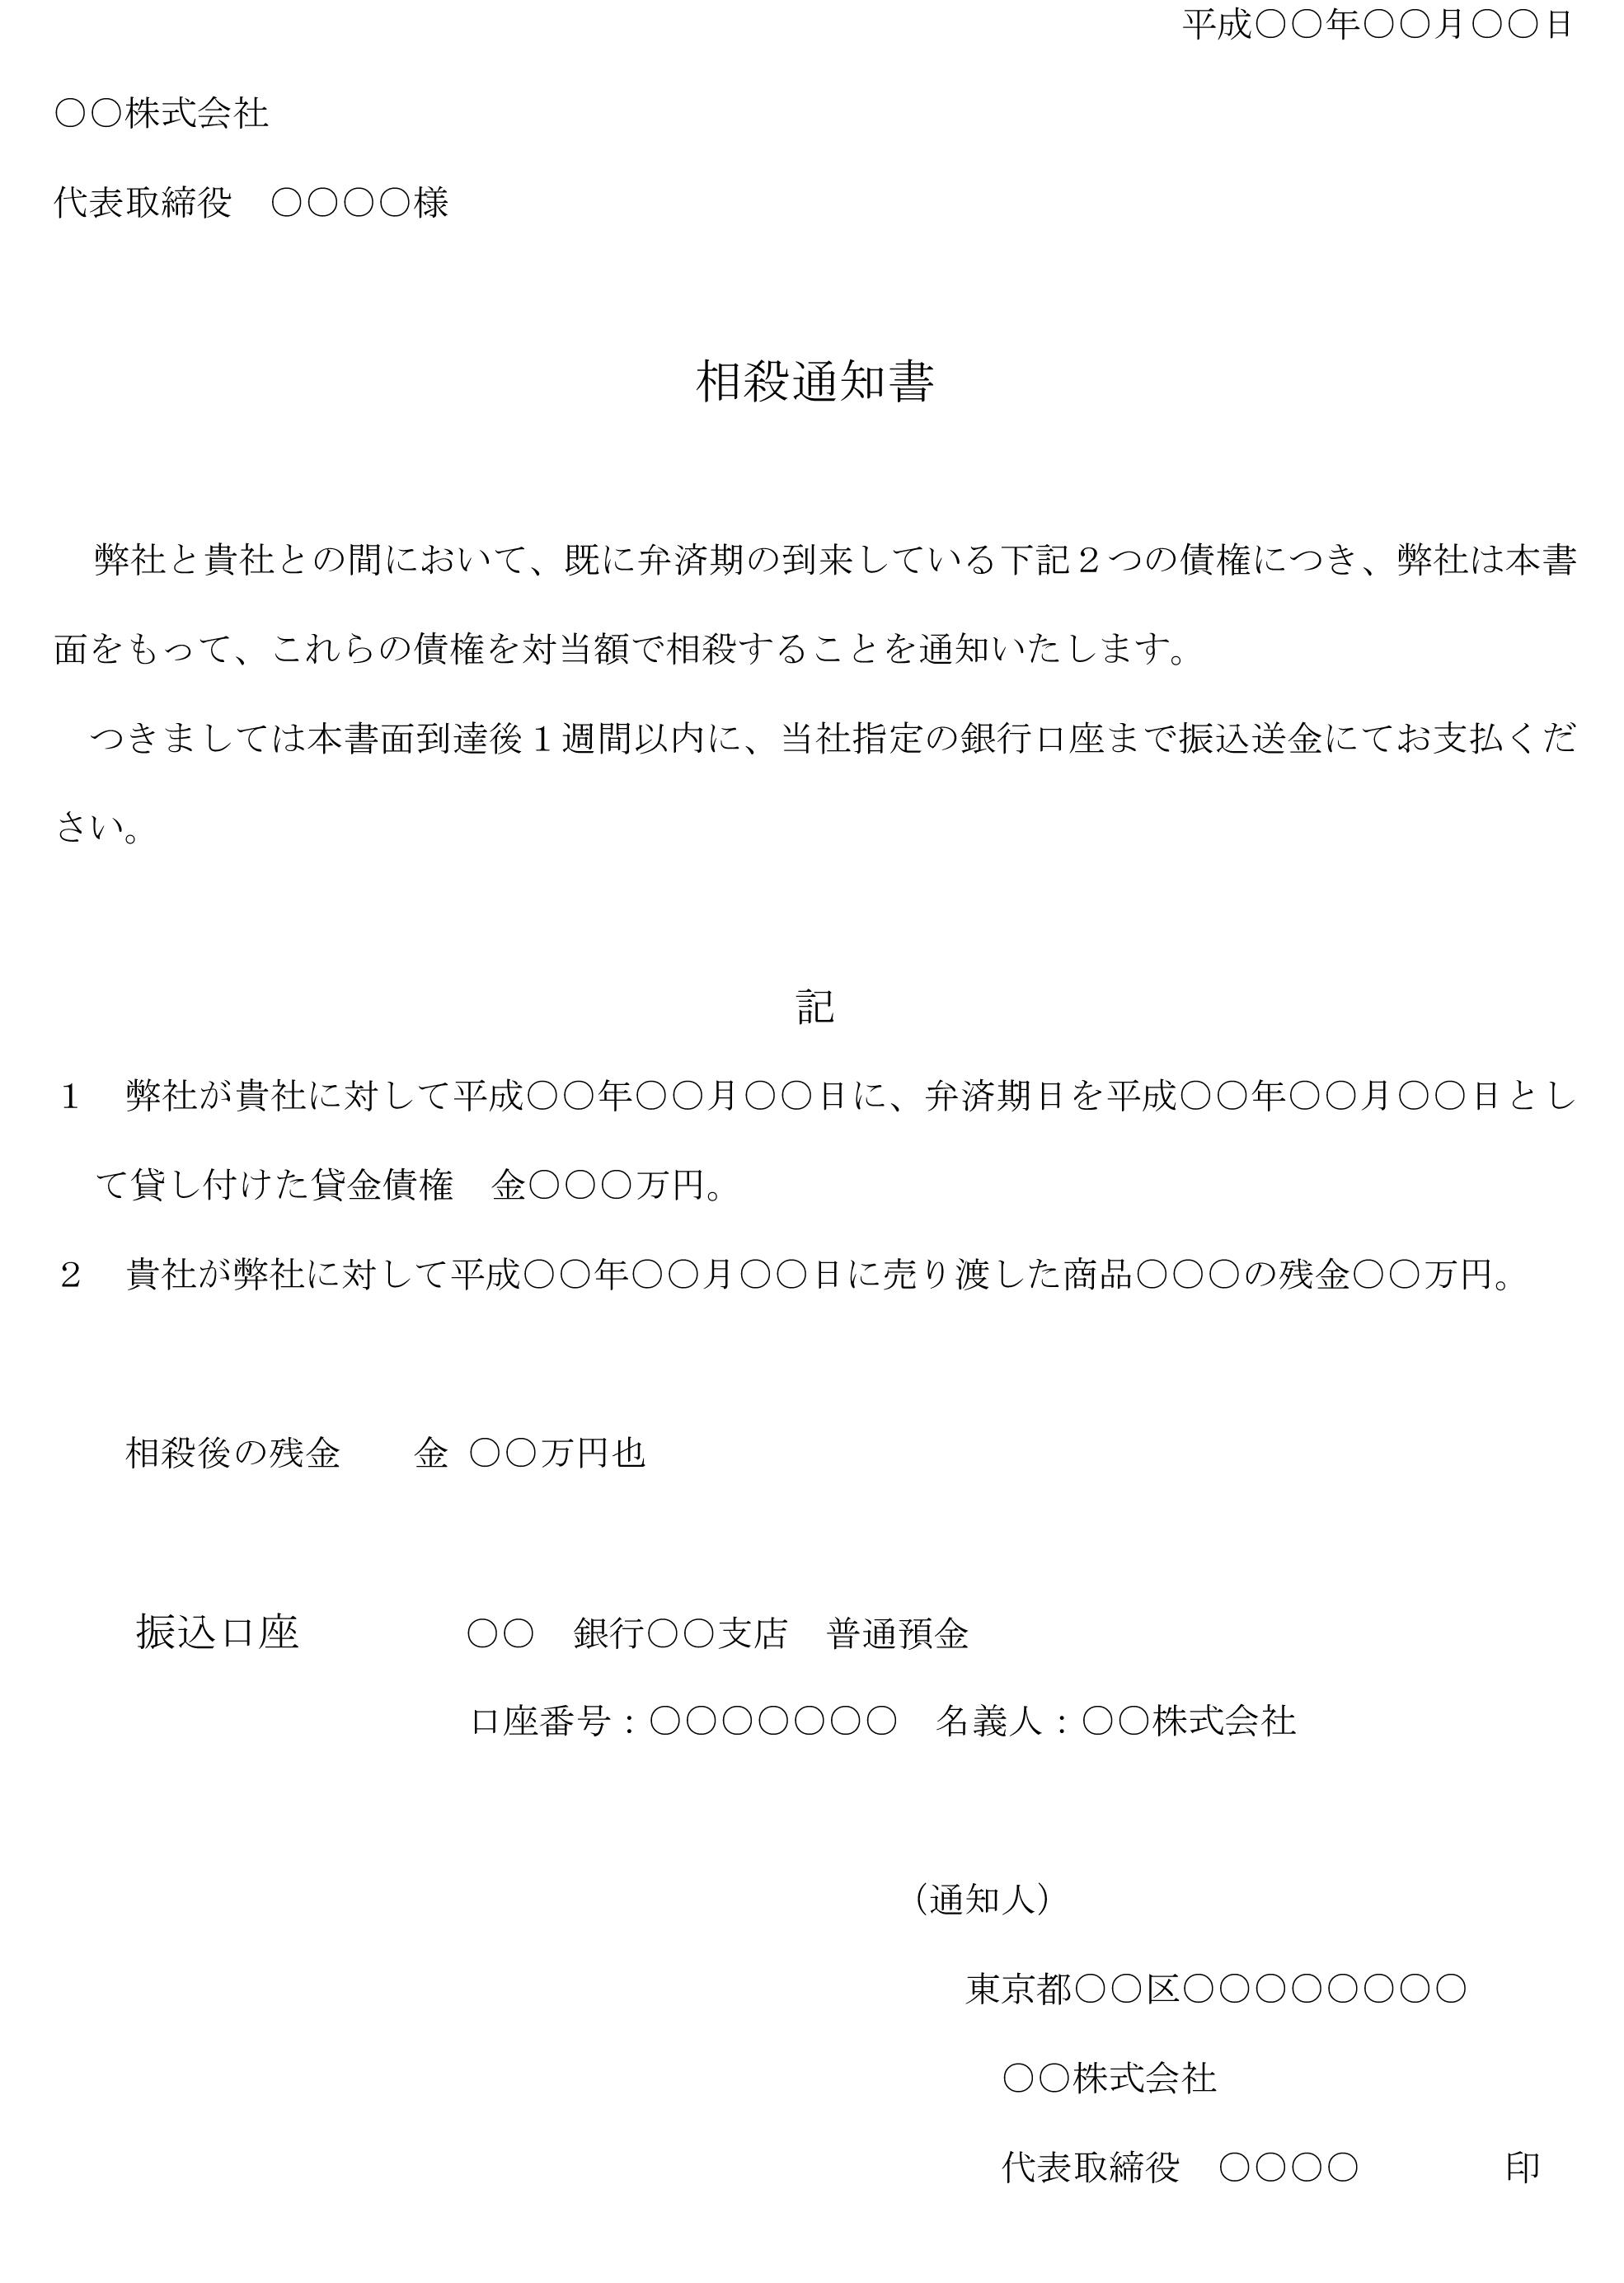 相殺通知書04